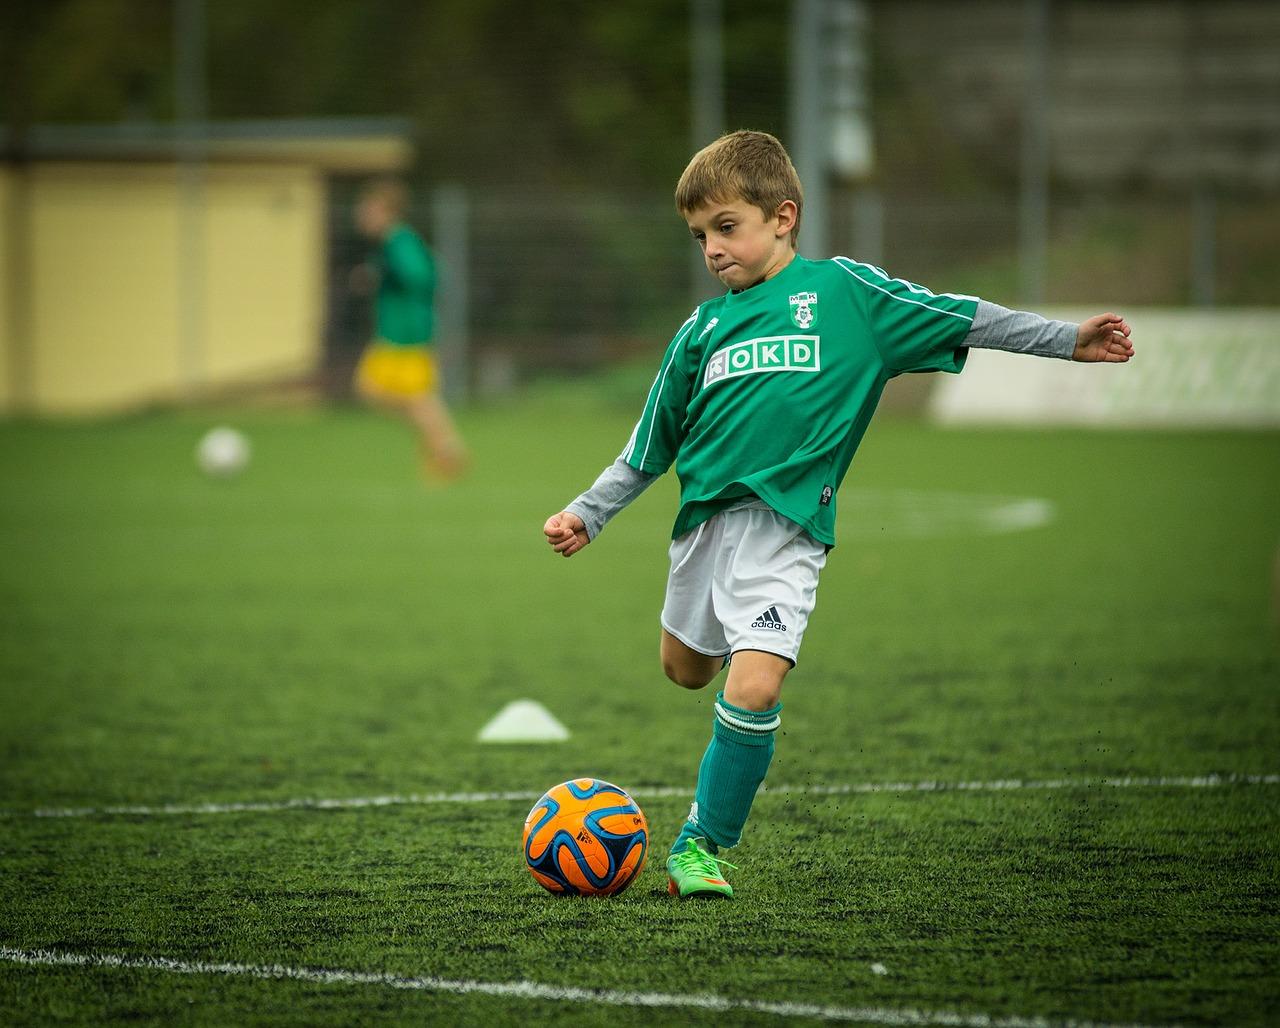 Alma Liblikaefekti kampaaniaga koguti üle 20000 euro laste spordiharrastuste toetuseks